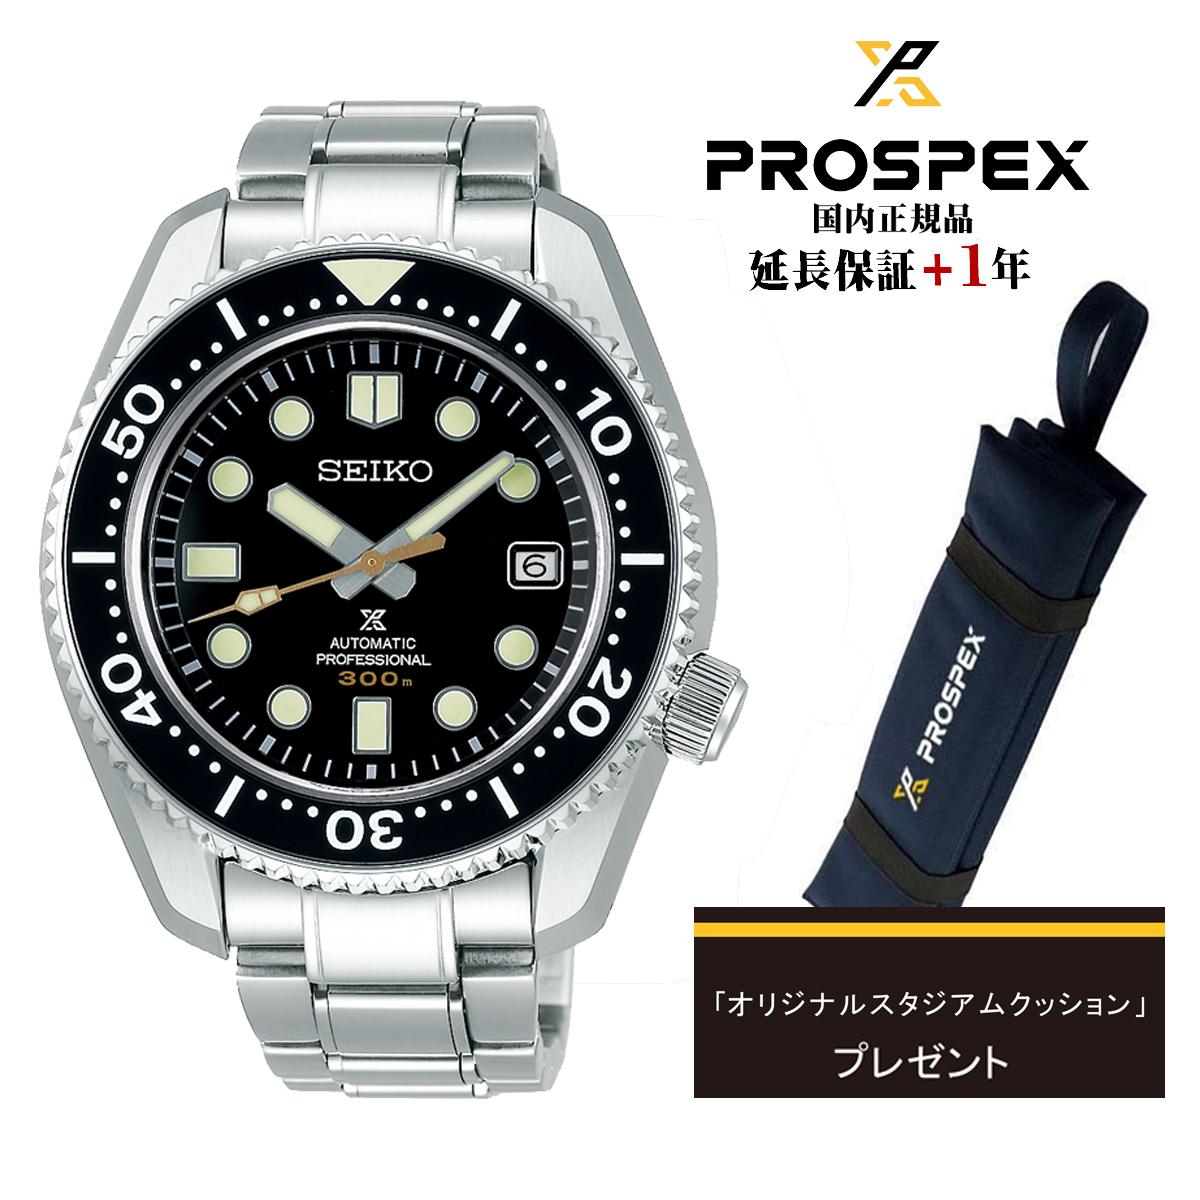 正規品 SEIKO PROSPEX セイコー プロスペックス SBDX023 マリーンマスター プロフェッショナル 替えシリコンバンド付き 腕時計